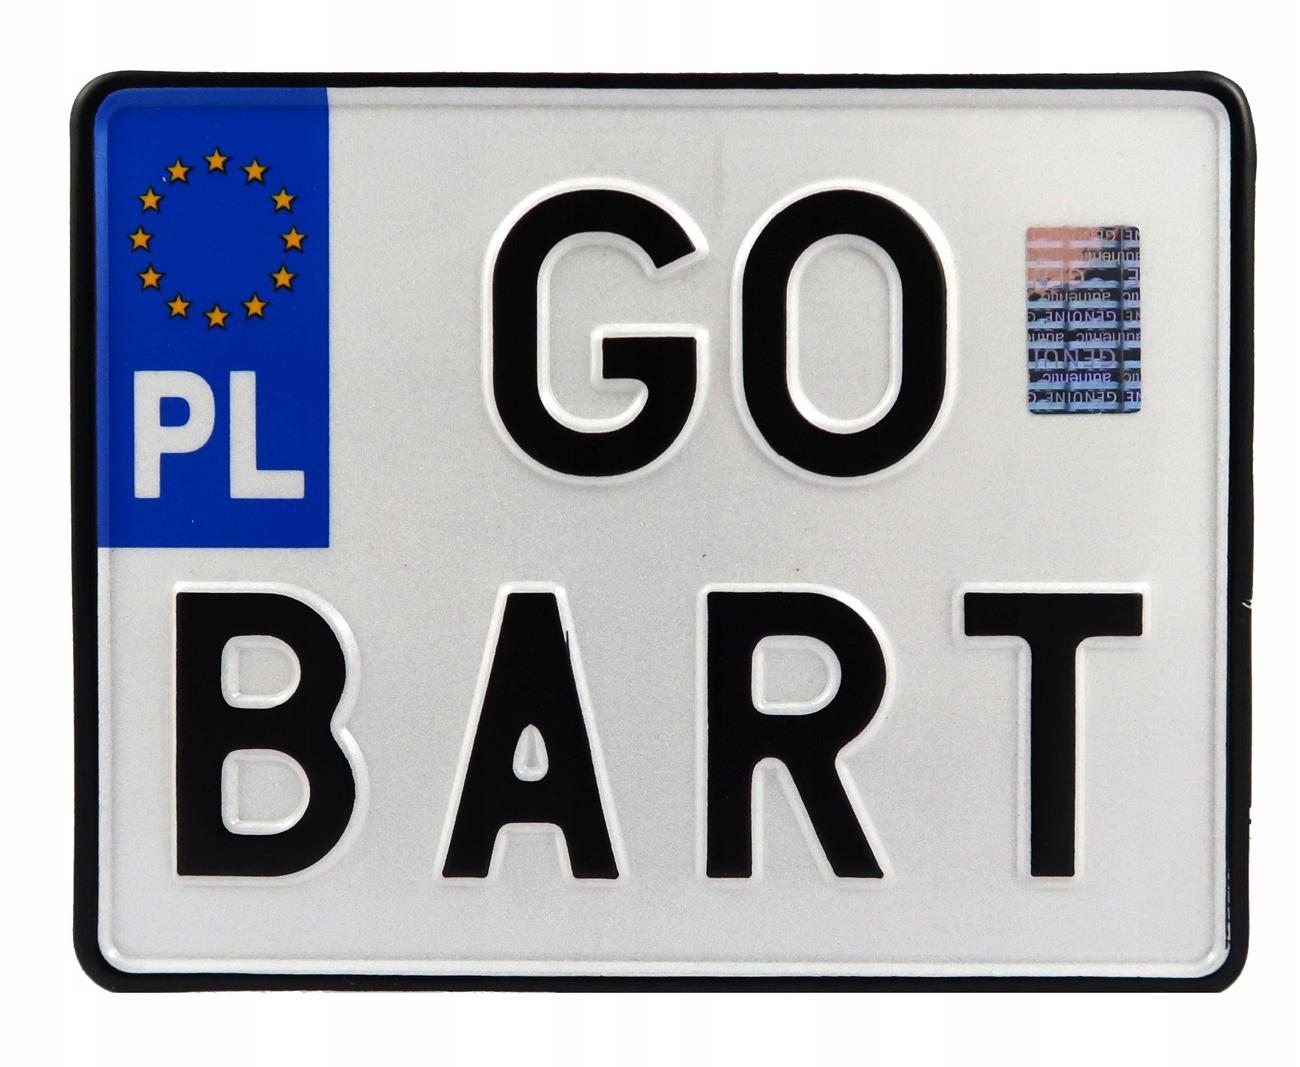 Польская мотоциклетная табличка для регистрационной рамки